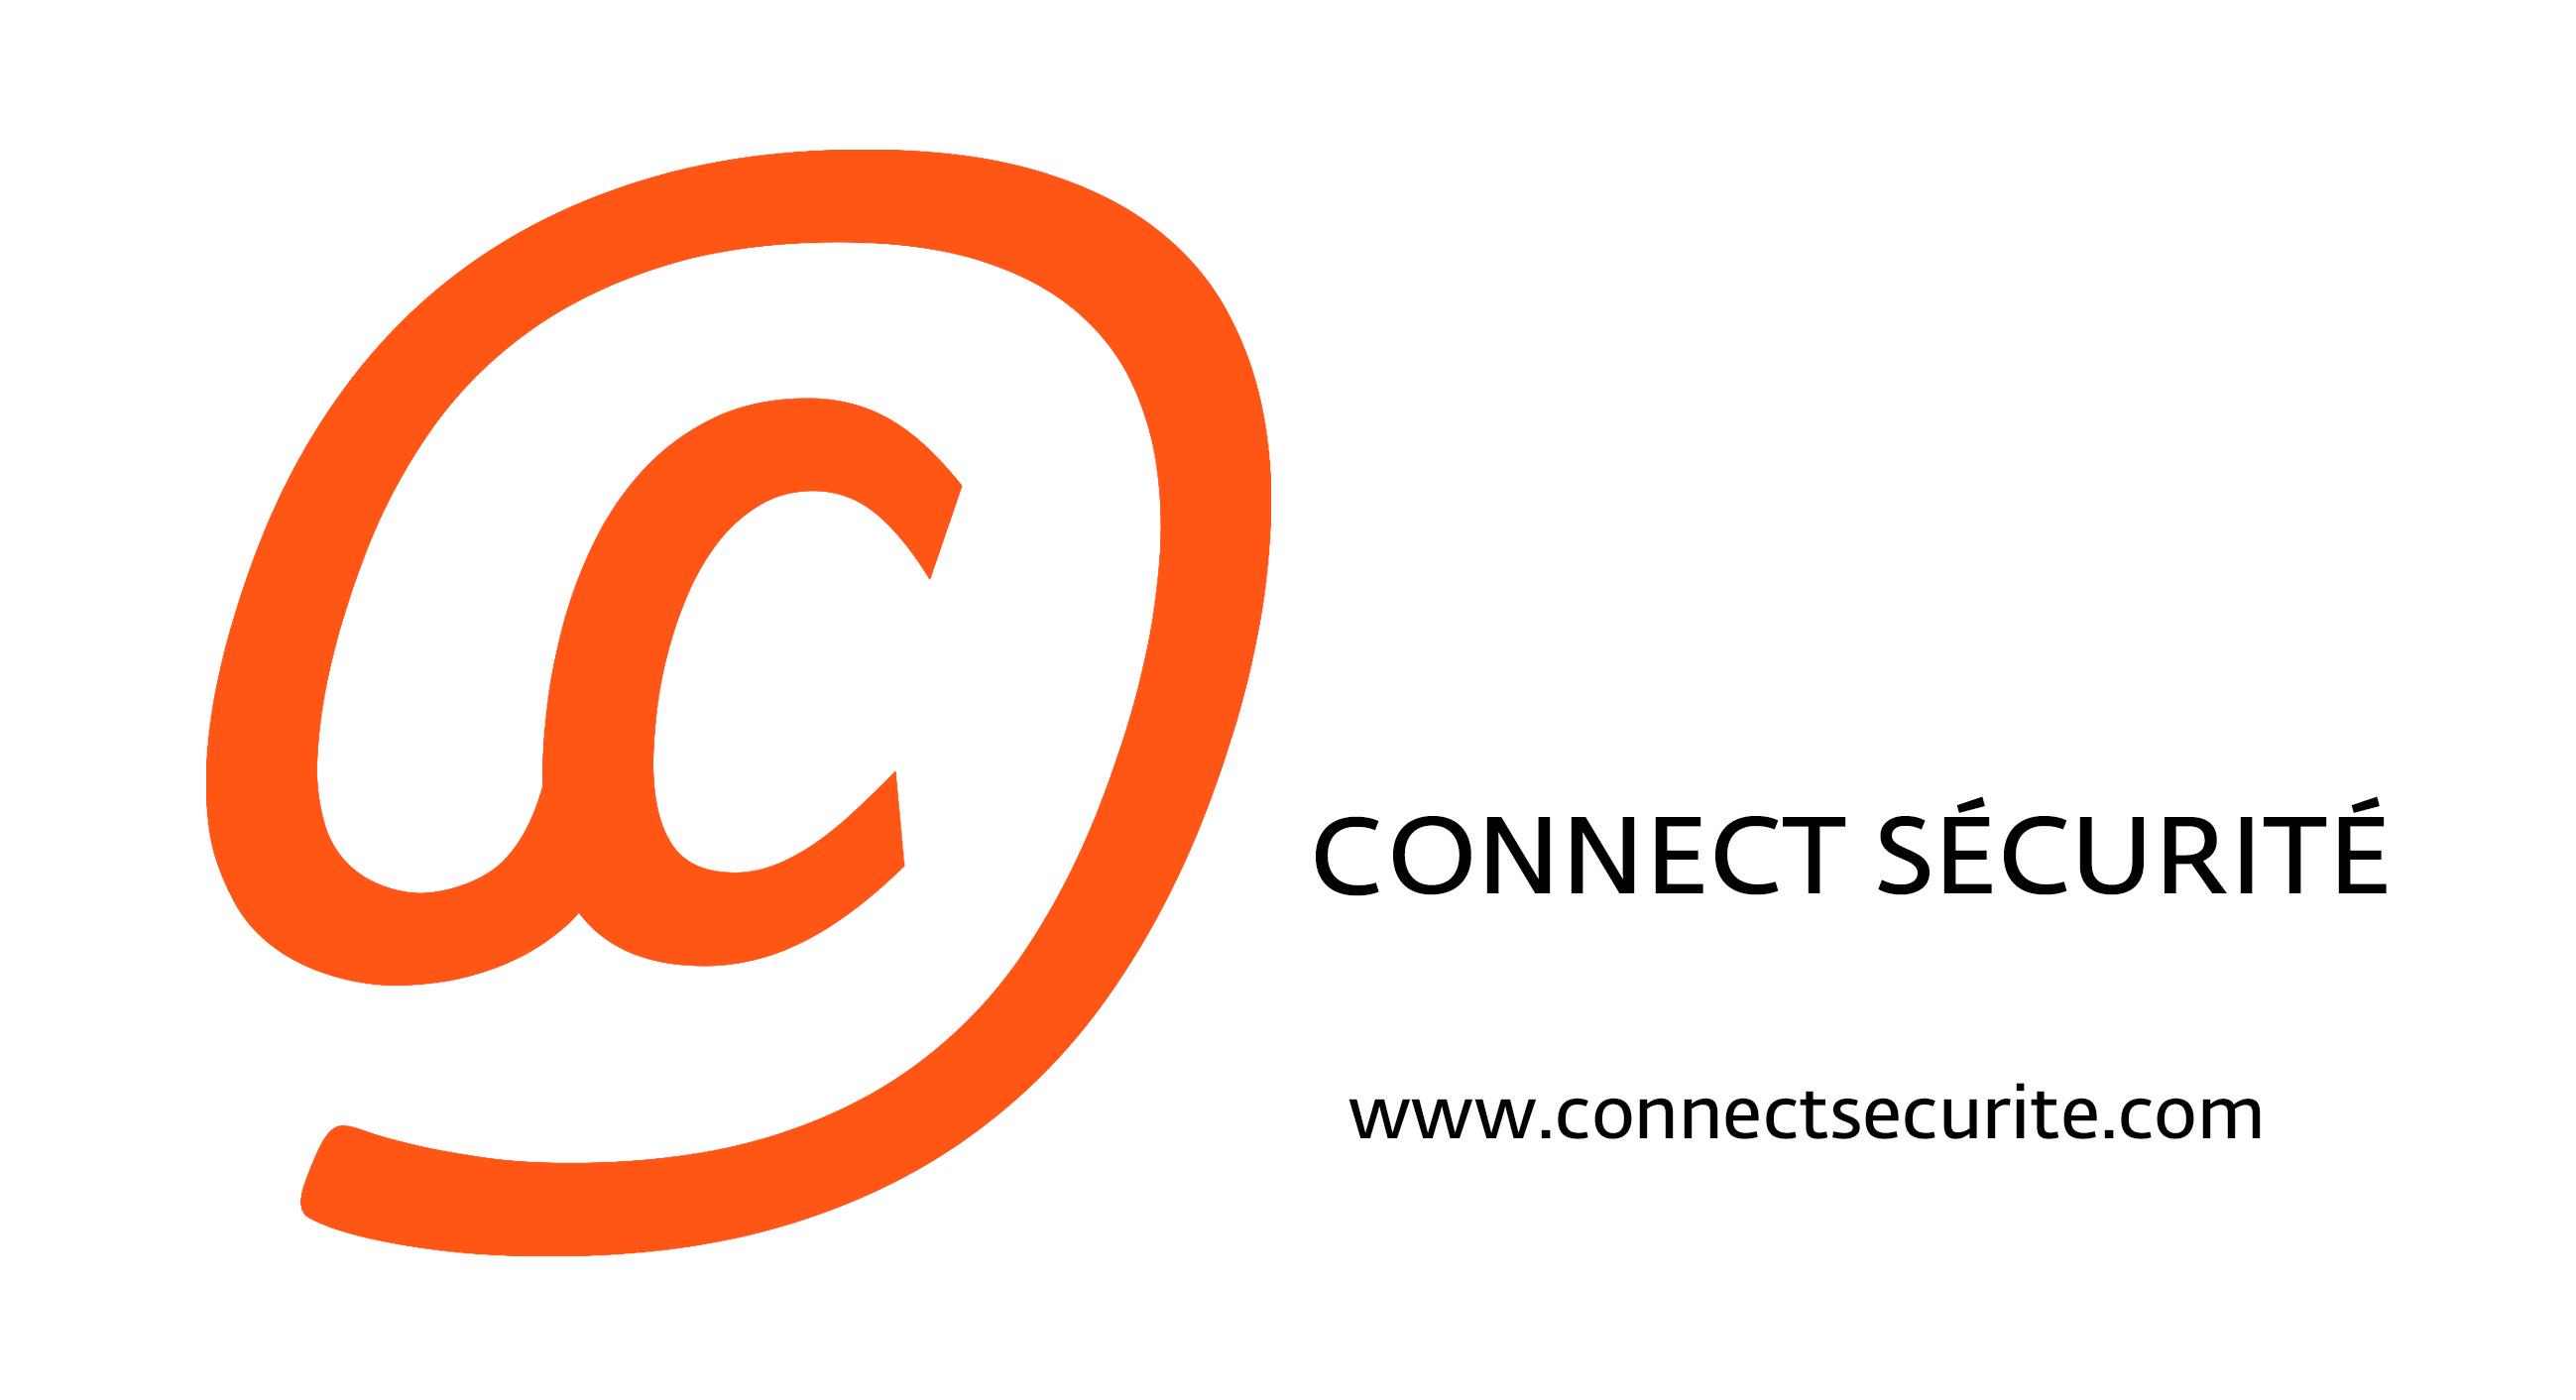 CONECTSECURITE--testfondblancbis-3-1476101278.jpg